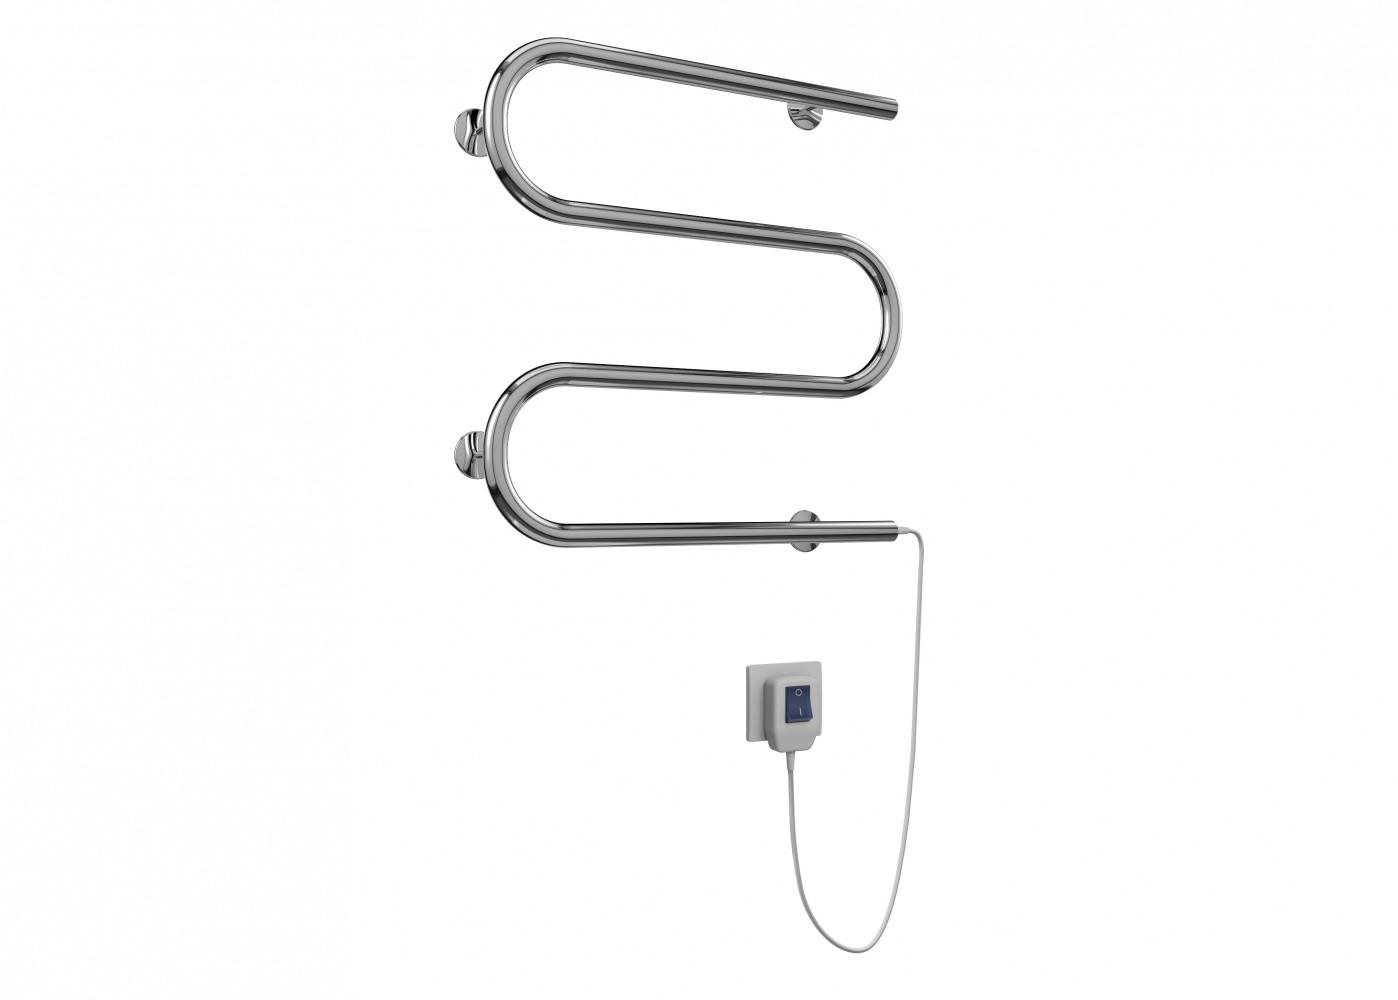 Полотенцесушитель электрический Terminus M-образный, ширина 50 см, высота 52.5 см